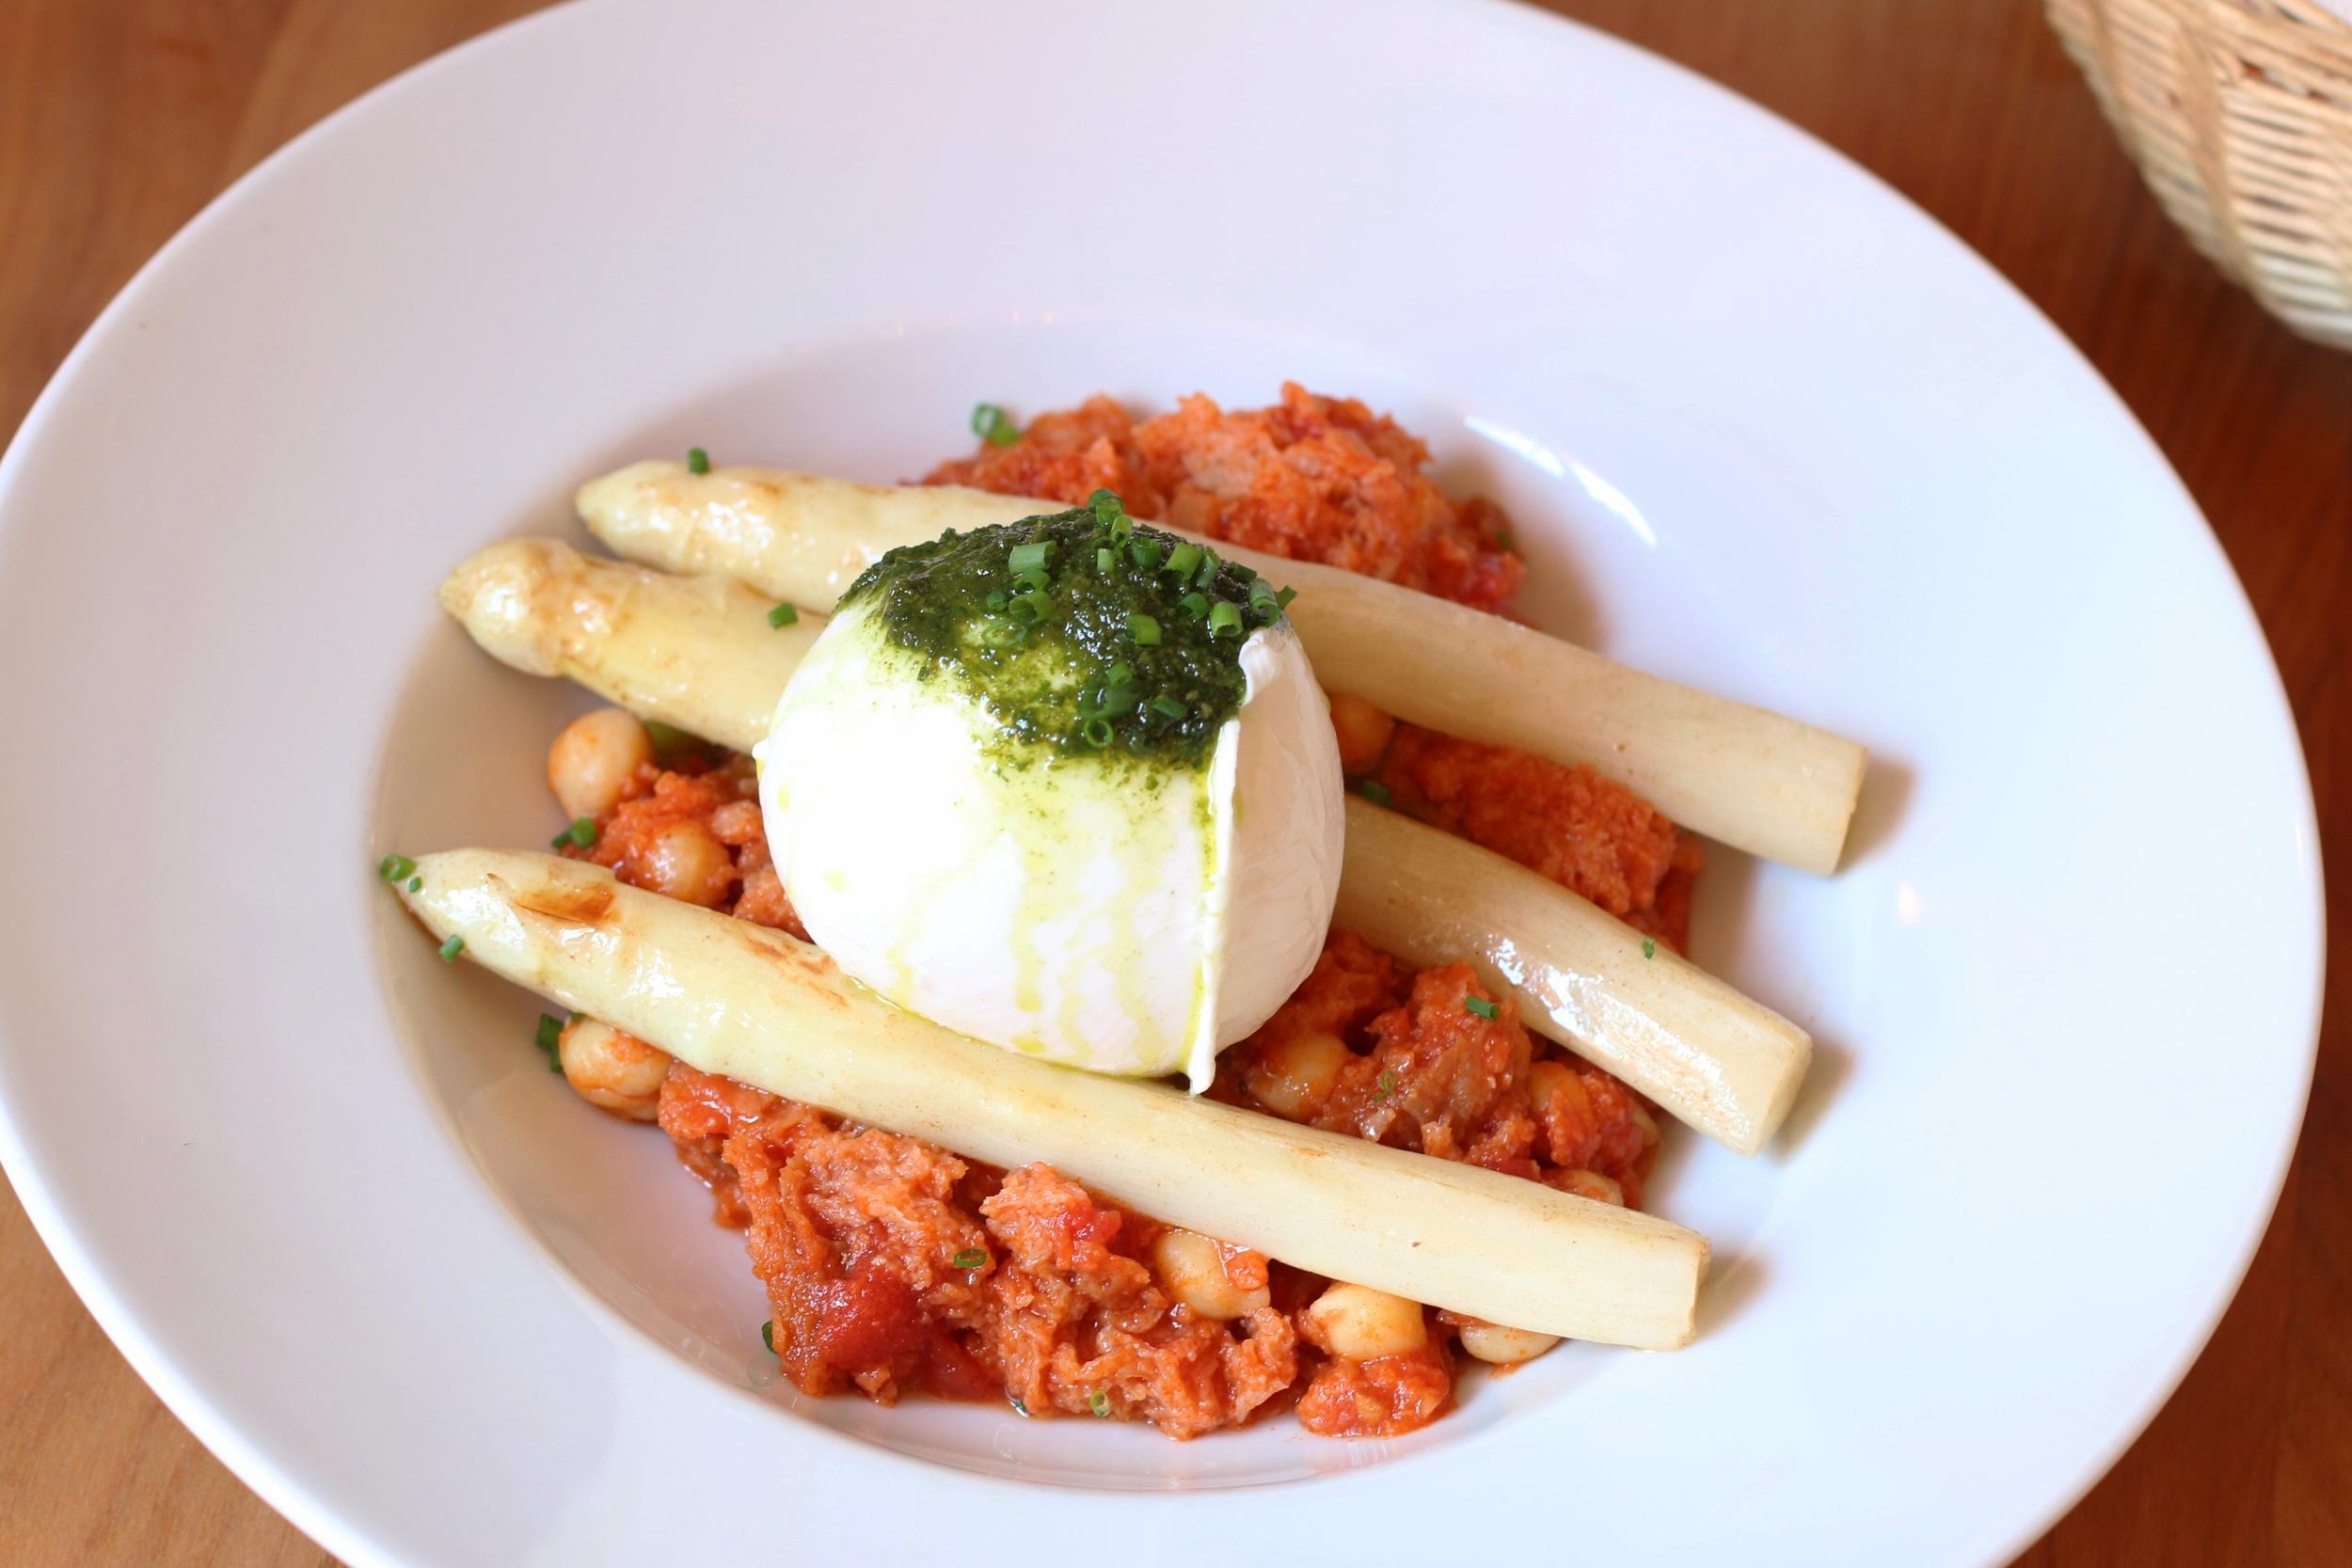 Dieköstliche italienische kalte Suppe,Pappa al pomodoro. (Bild: Yekaterina Schläpfer)